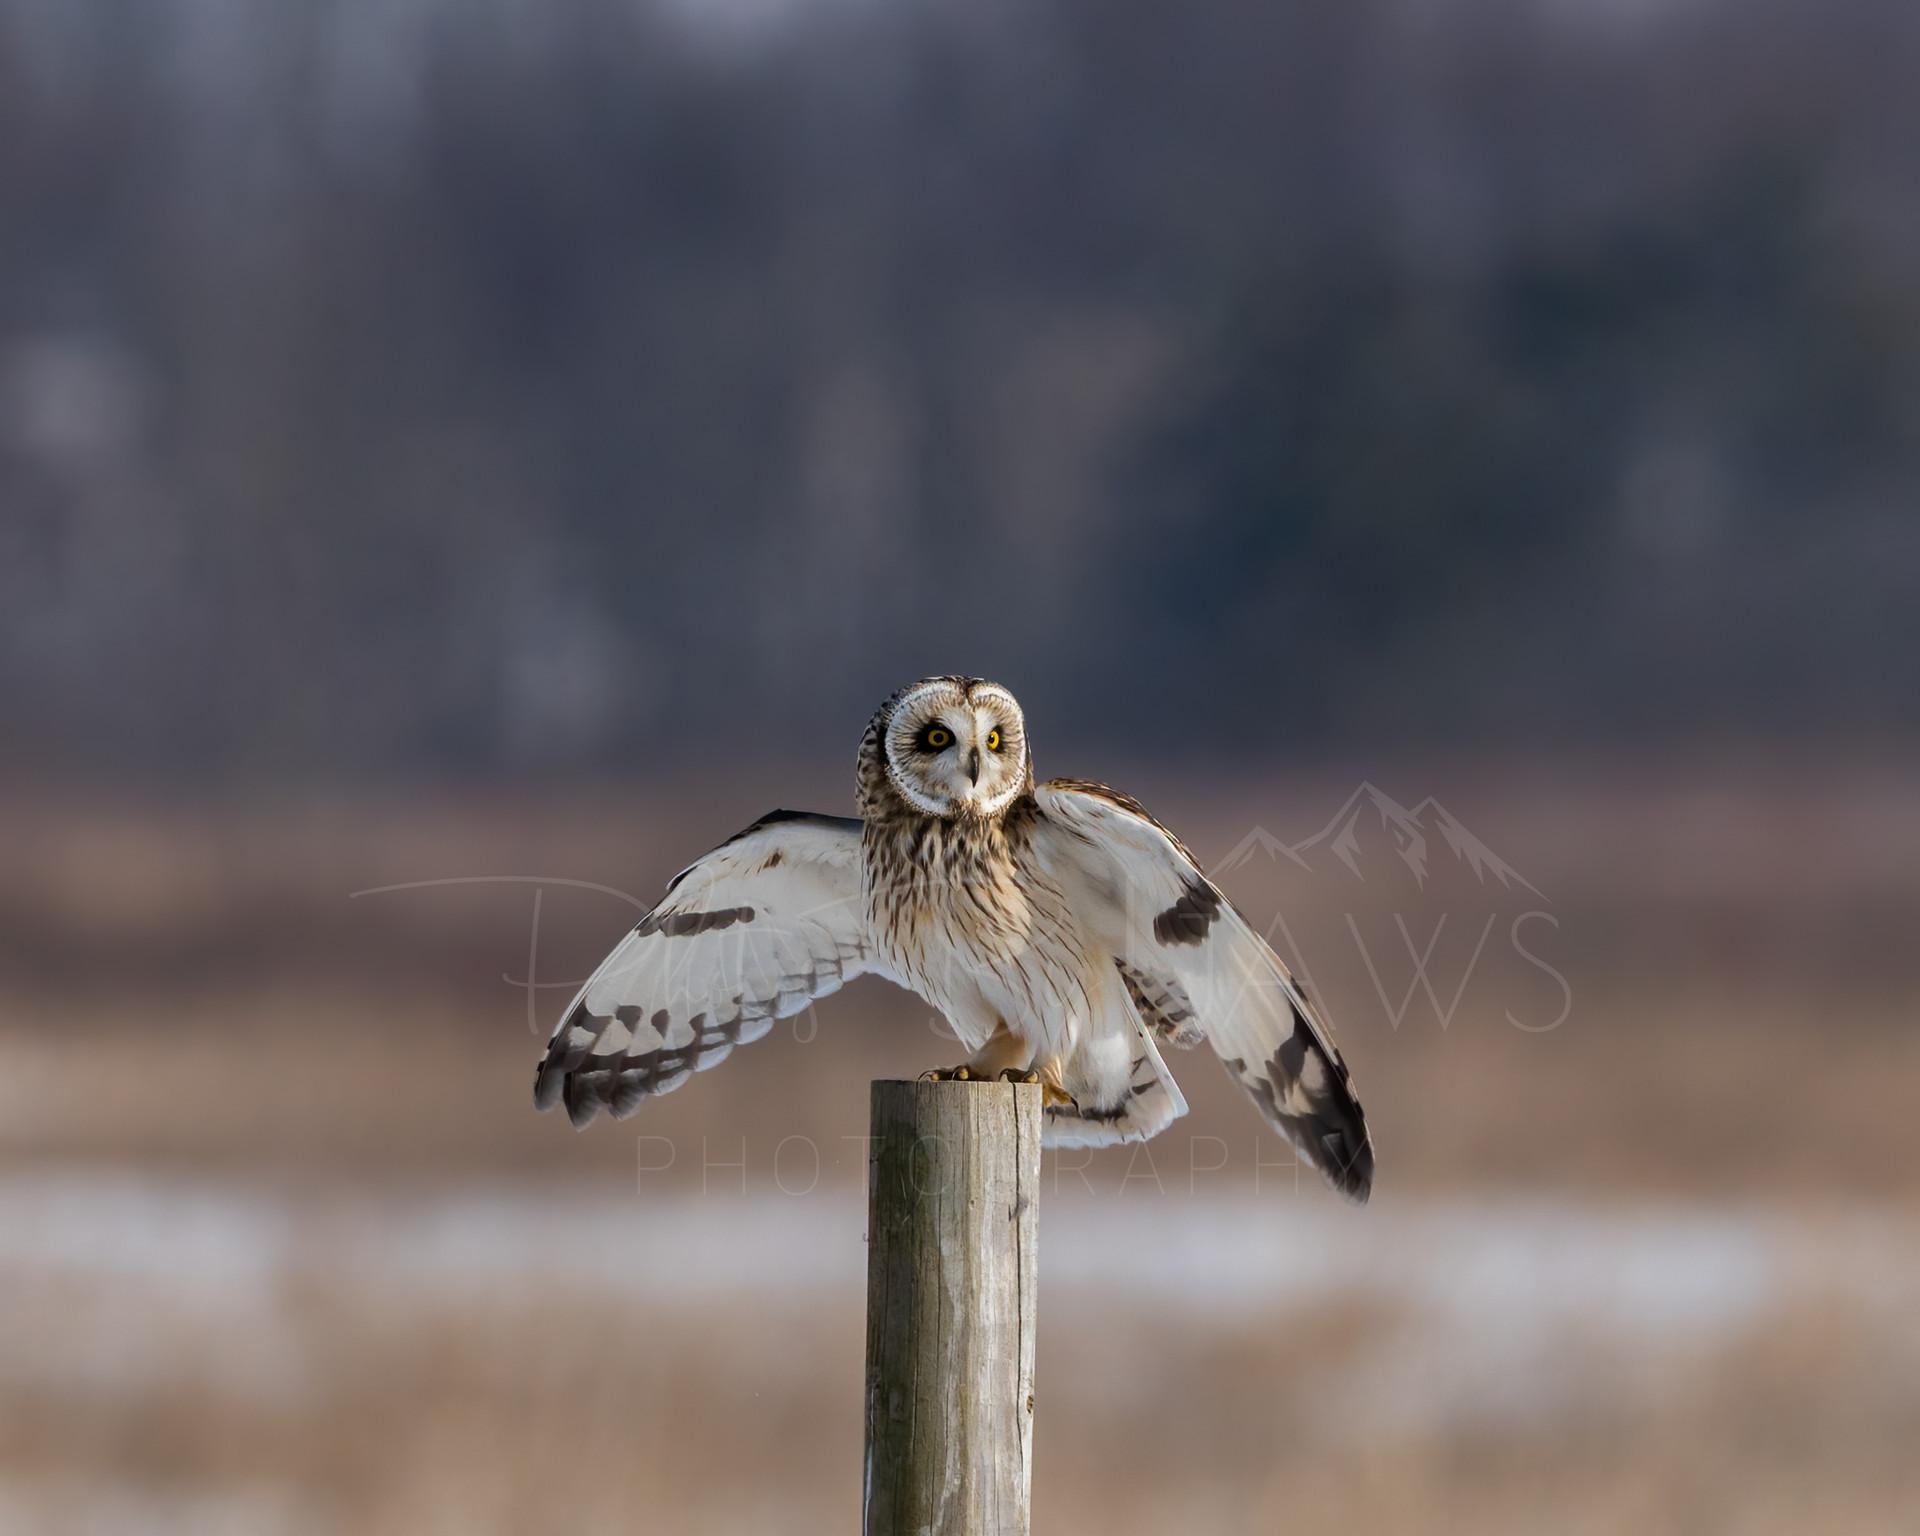 Short Eared Owl Landing